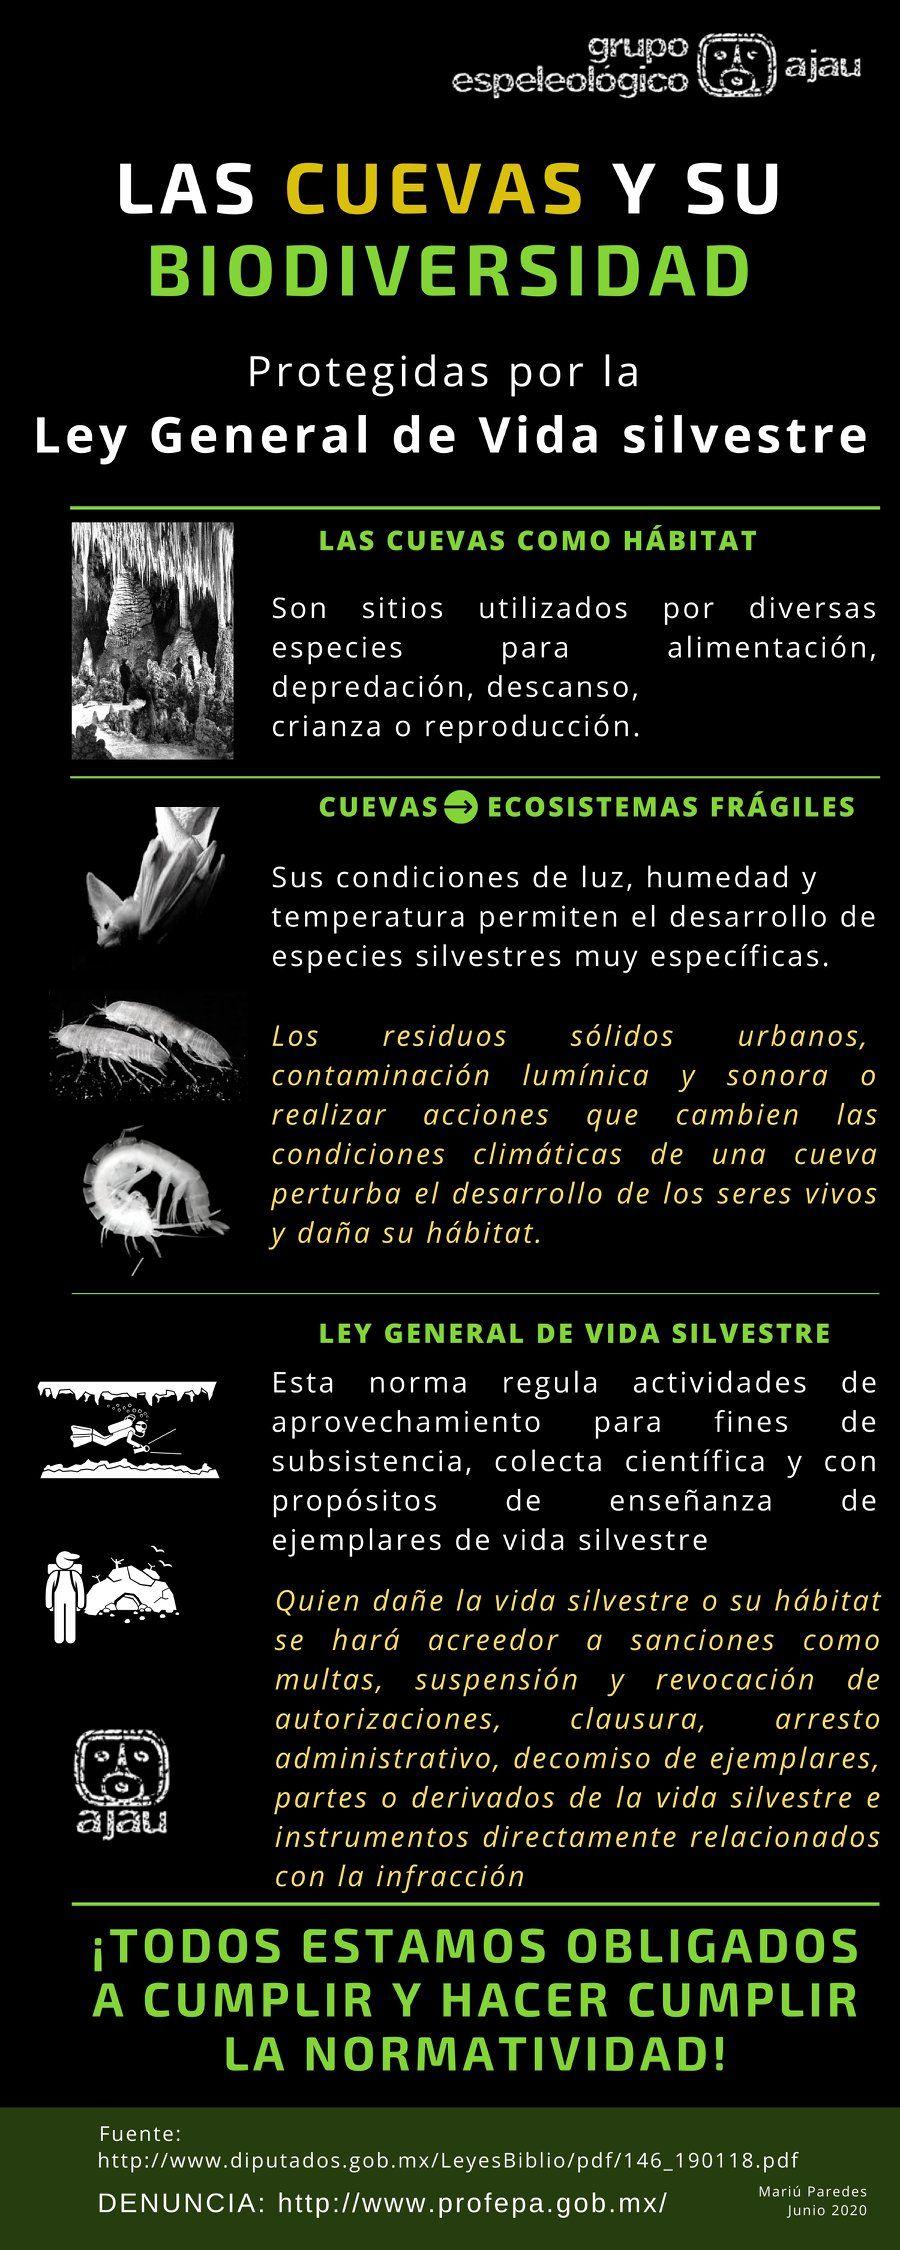 Las 7 mejores grutas para visitar en la Península de Yucatán 2